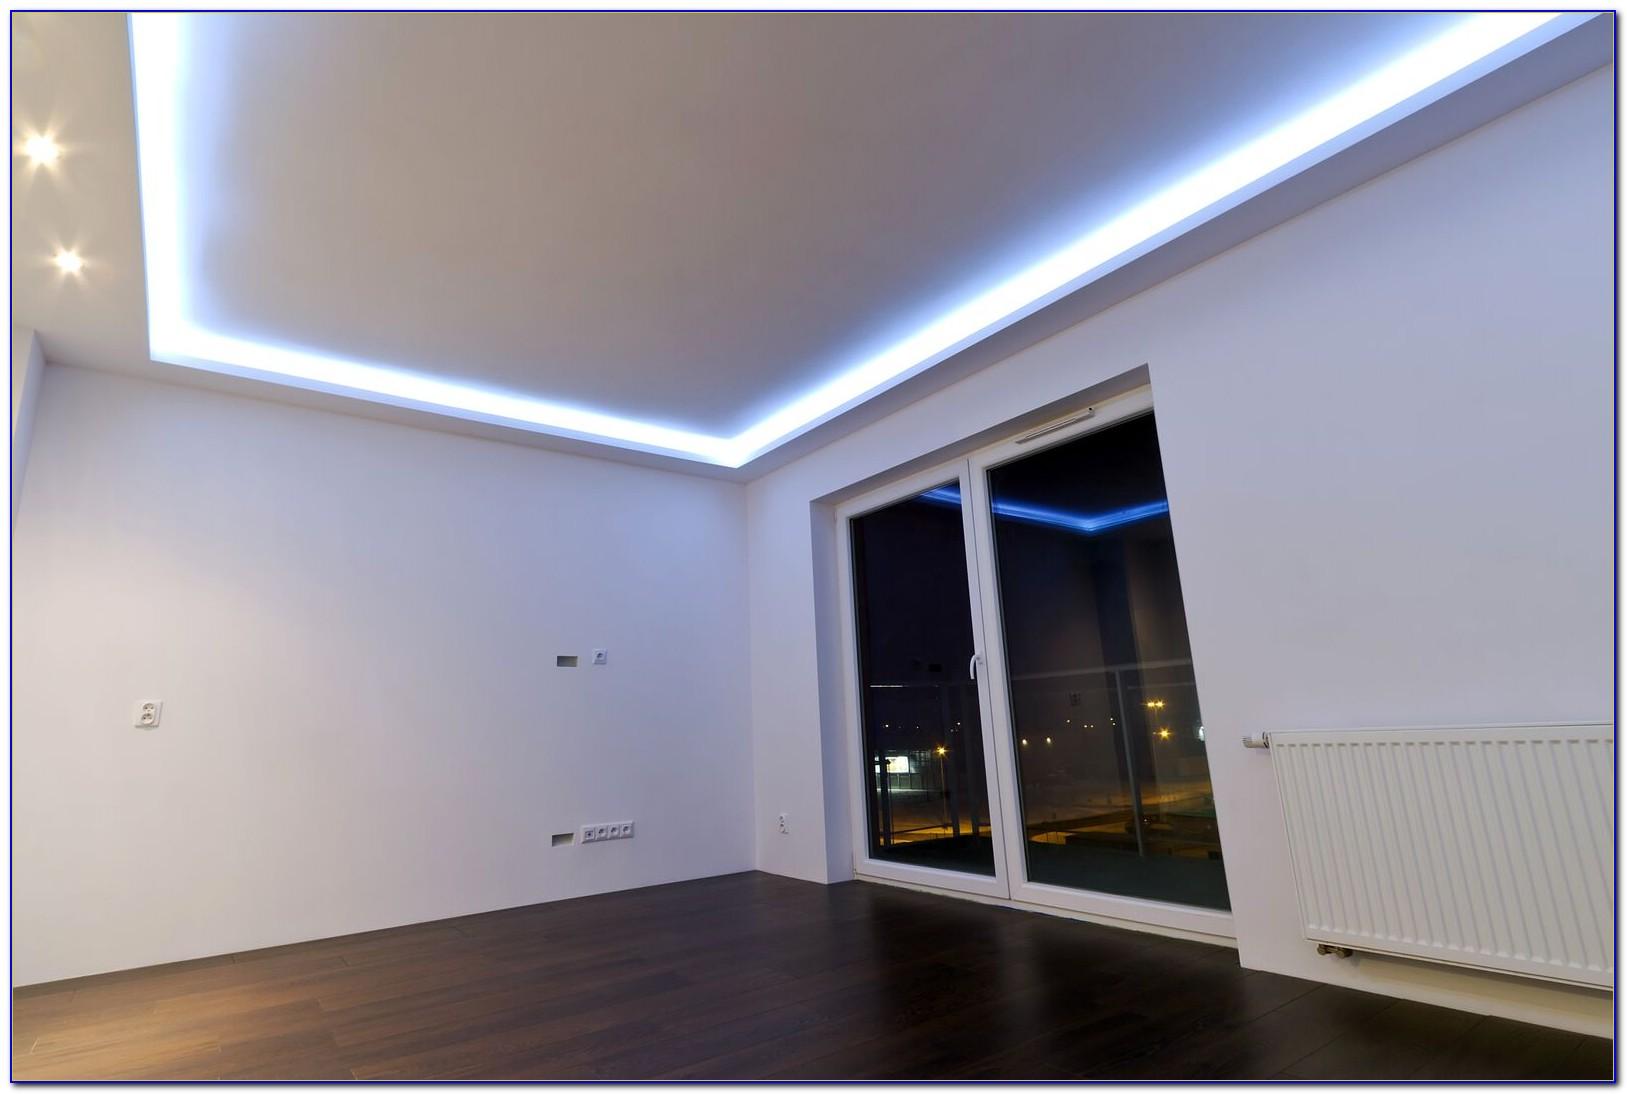 Led Lights For Ceilings